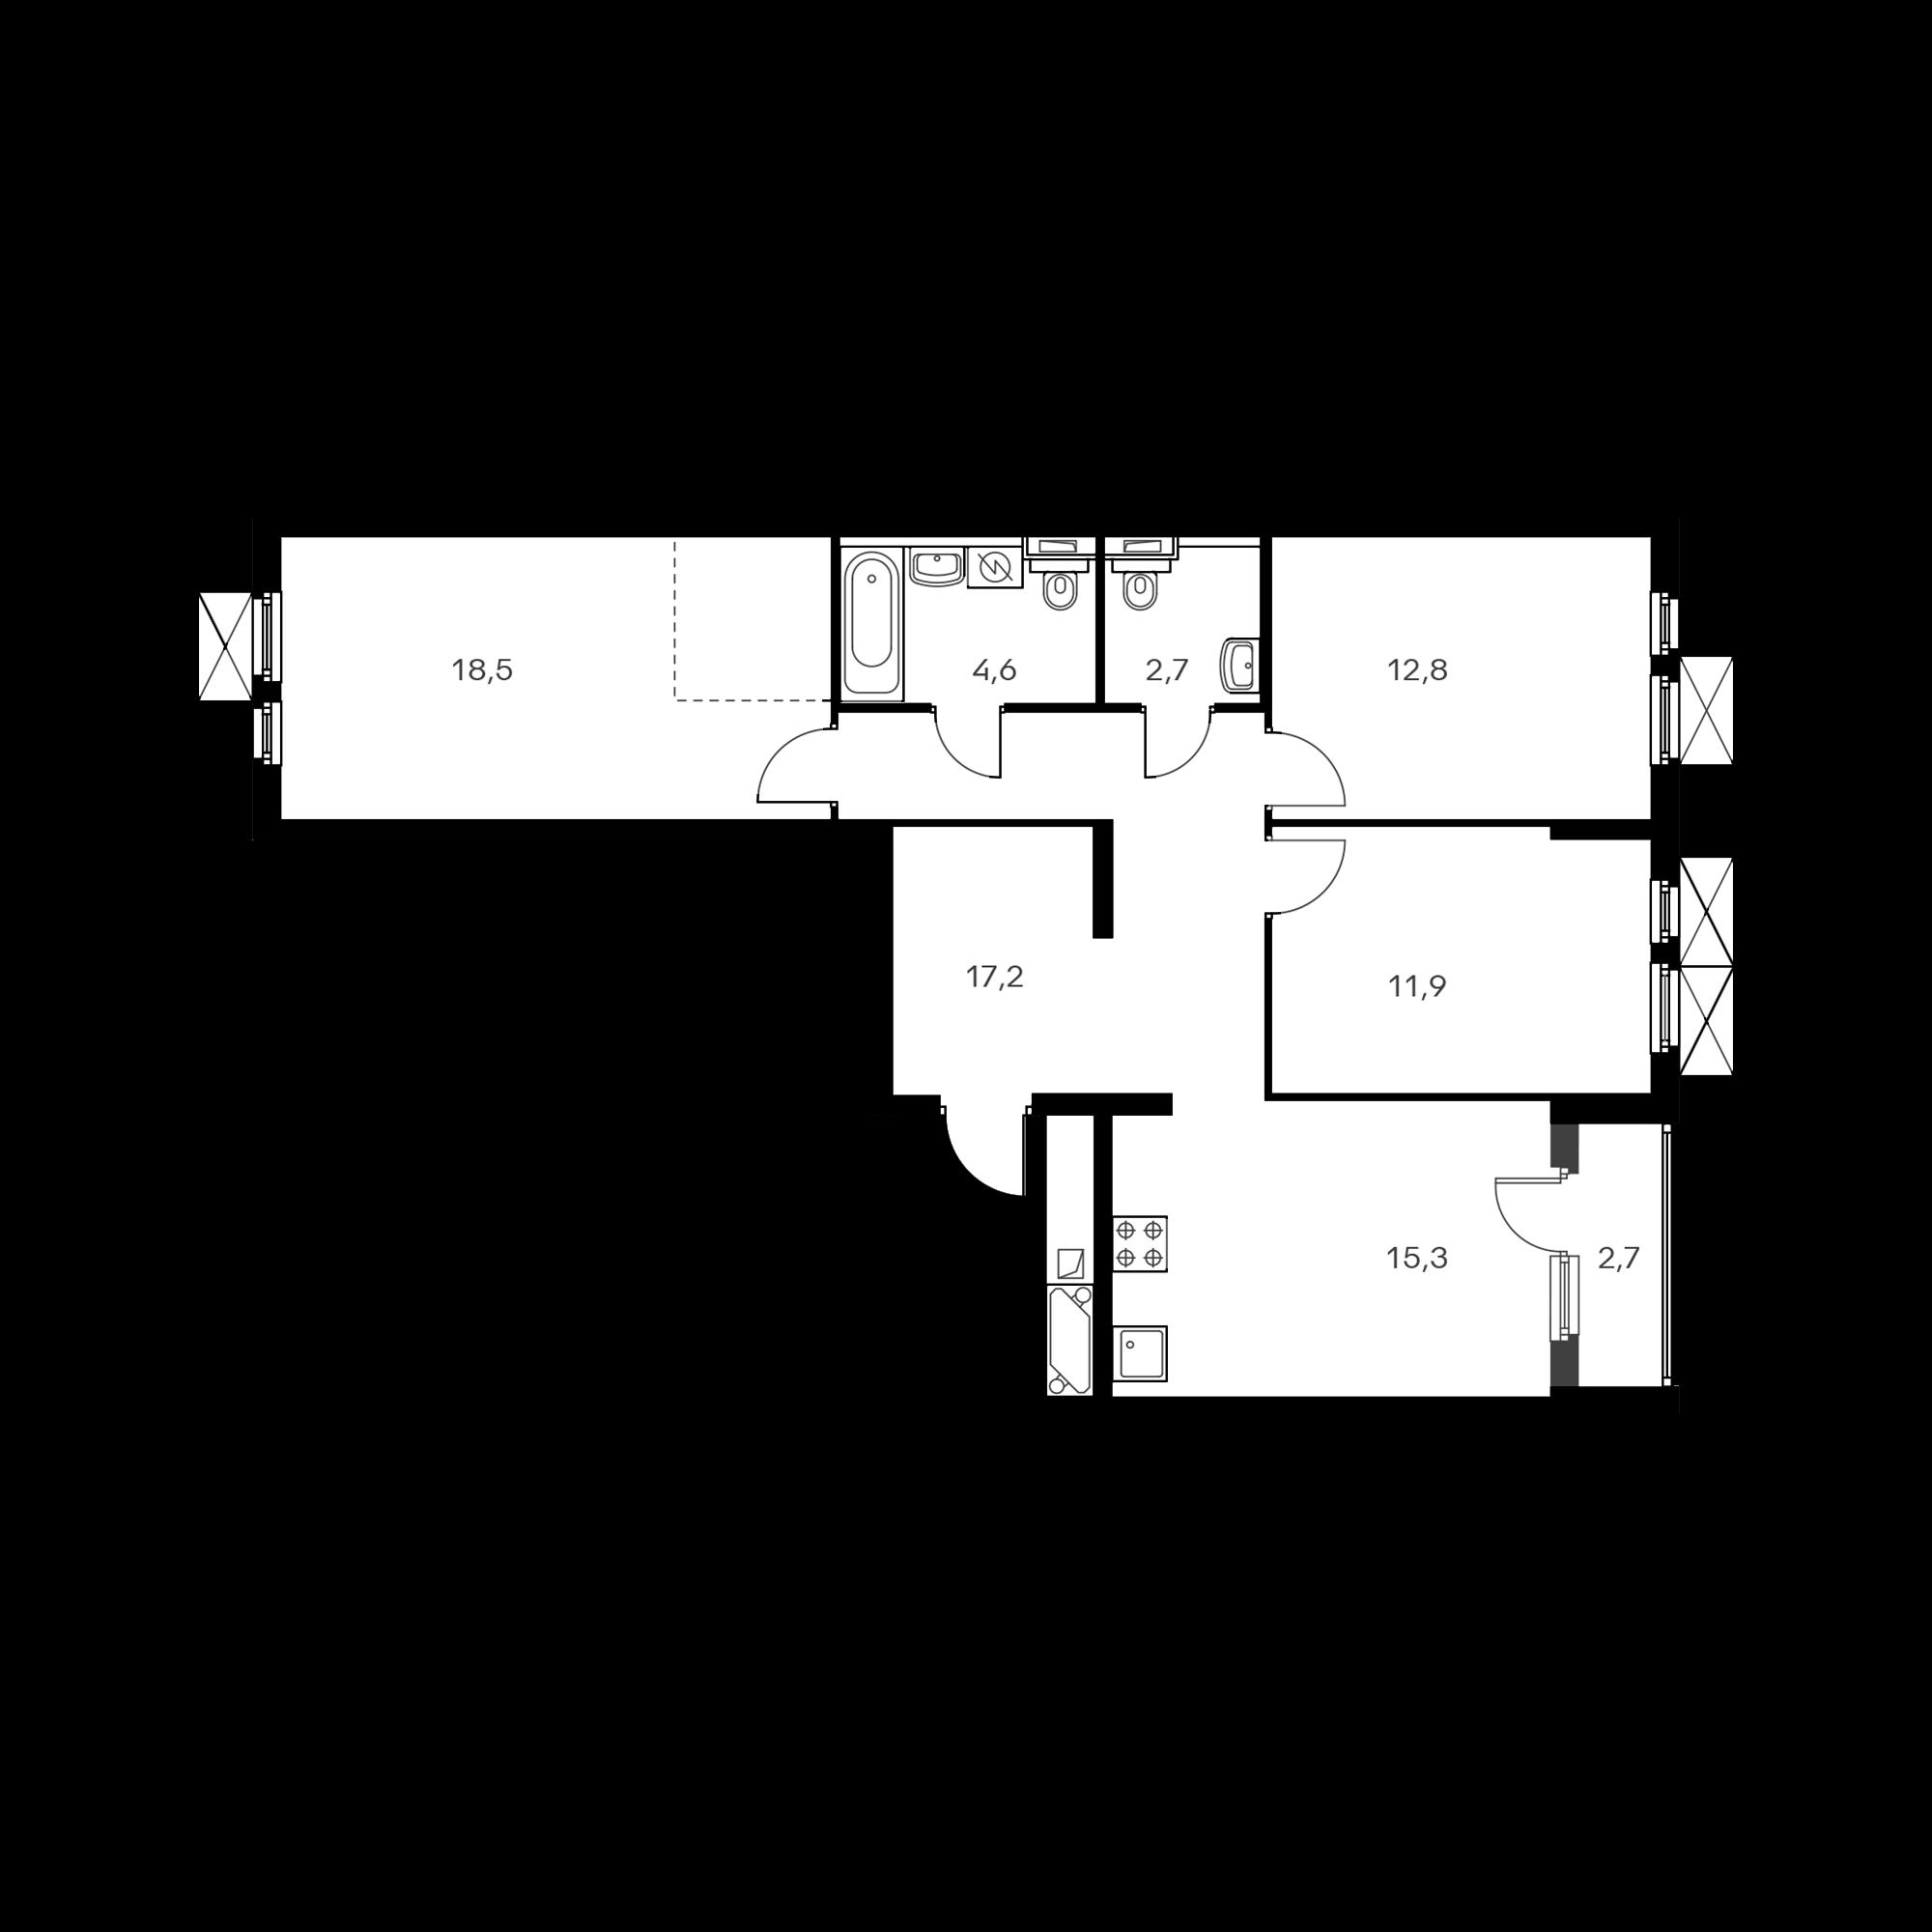 3EL3_9.6-1_S_AL